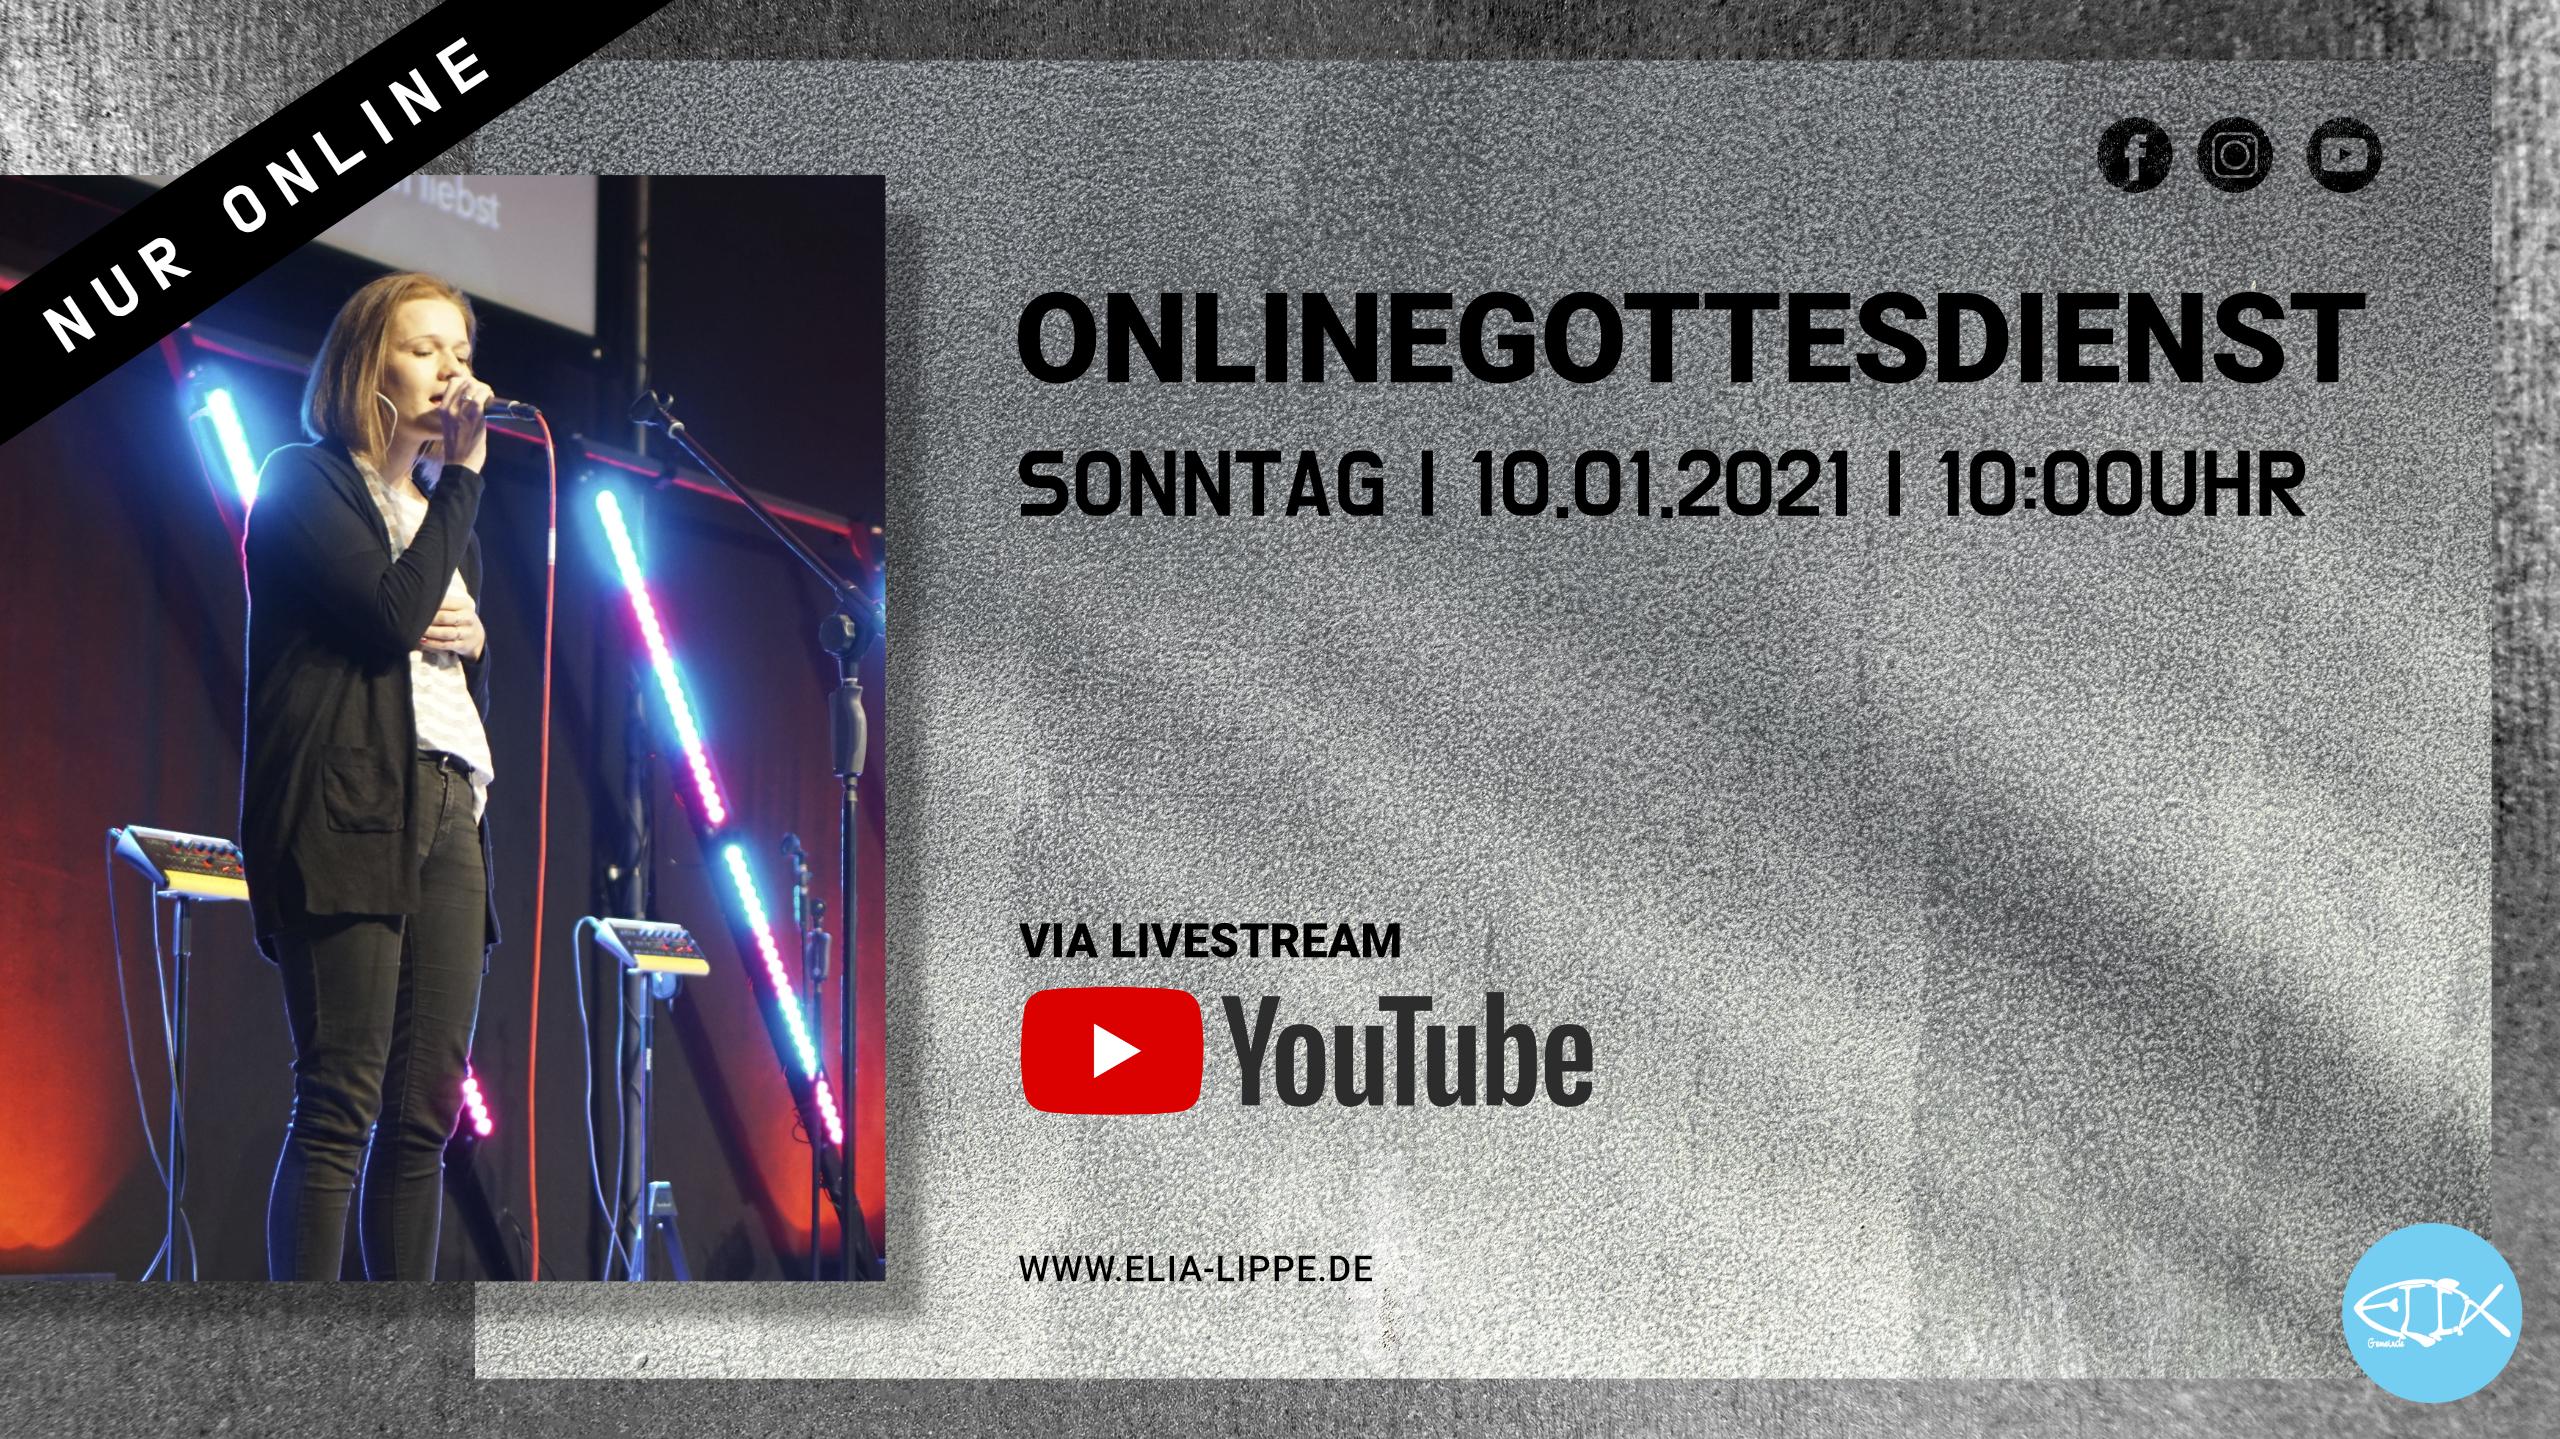 ONLINEGOTTESDIENST | 10.01.2021 |10:00UHR